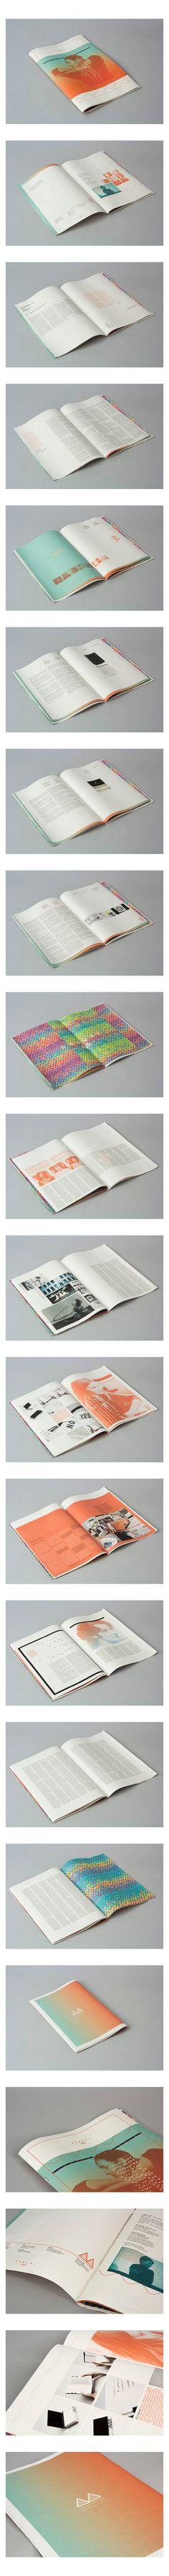 D E Q U A L - Design Paper - no. 1 / Anders Wallner